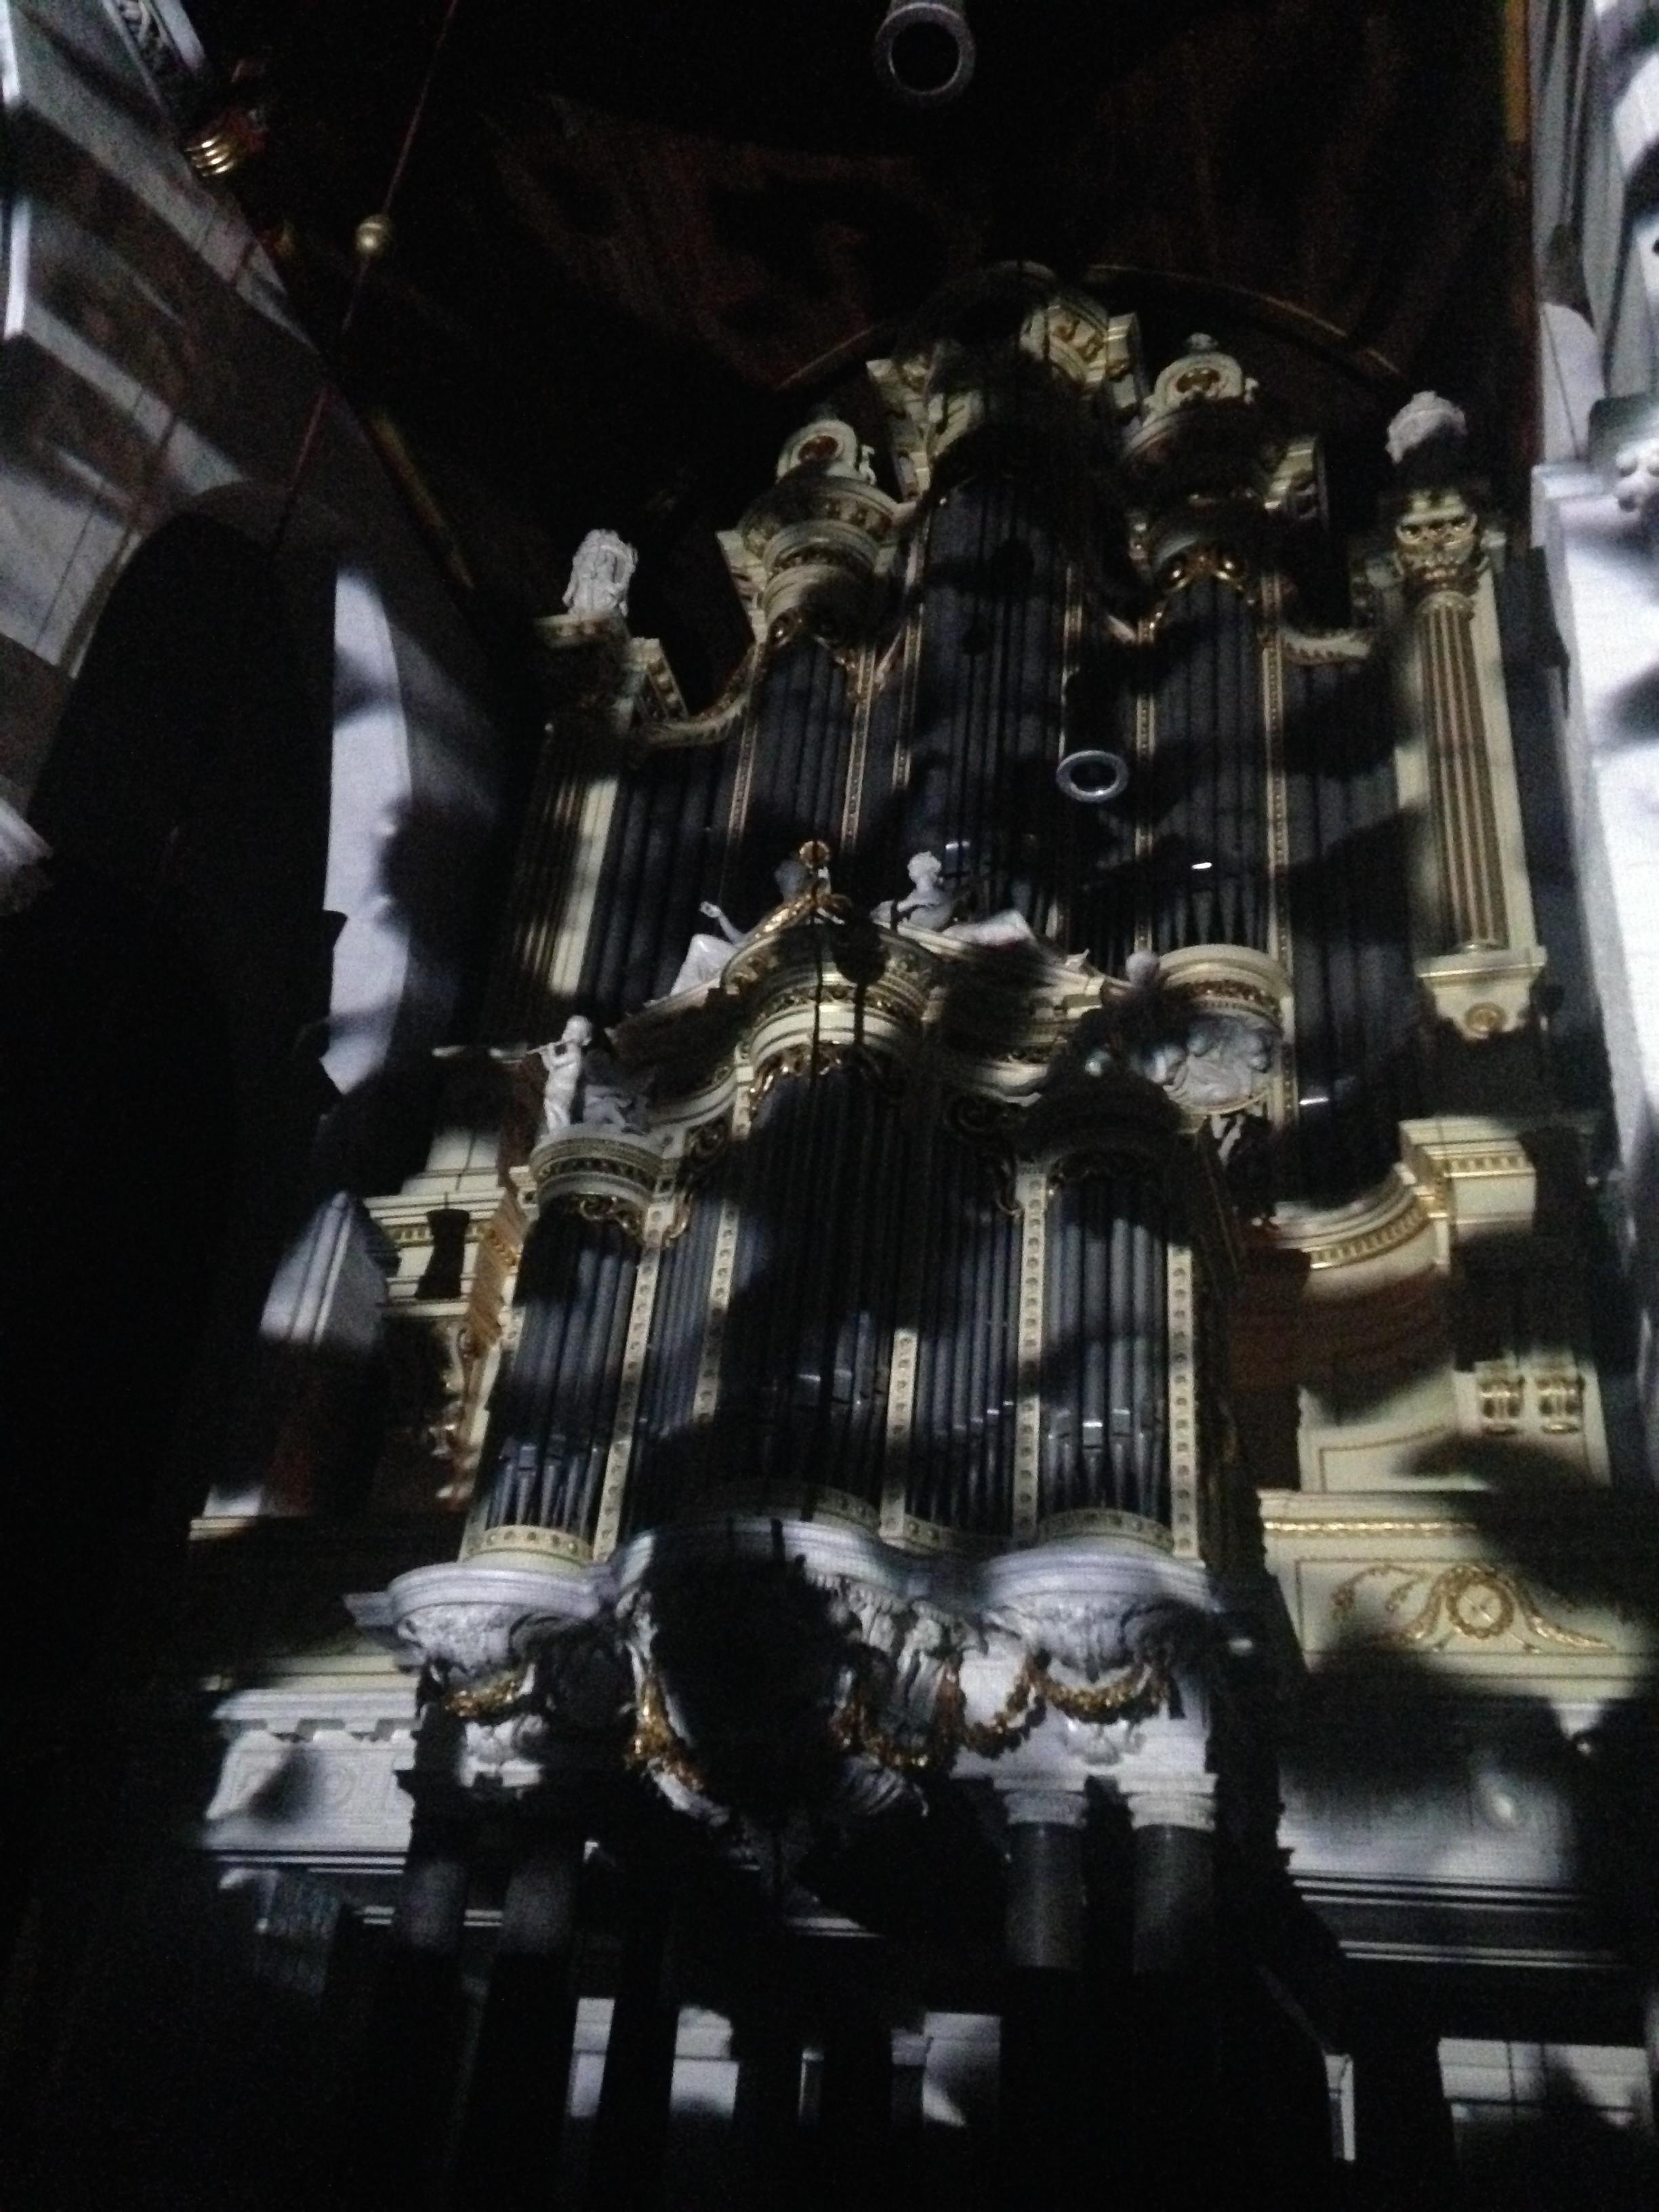 Stichting Orgelkring + Oddstream + Glowarp   Een eeuwenoud orgel gaat samenwerking aan met hedendaagse digitale projectietechnieken in een avondvullend concert.